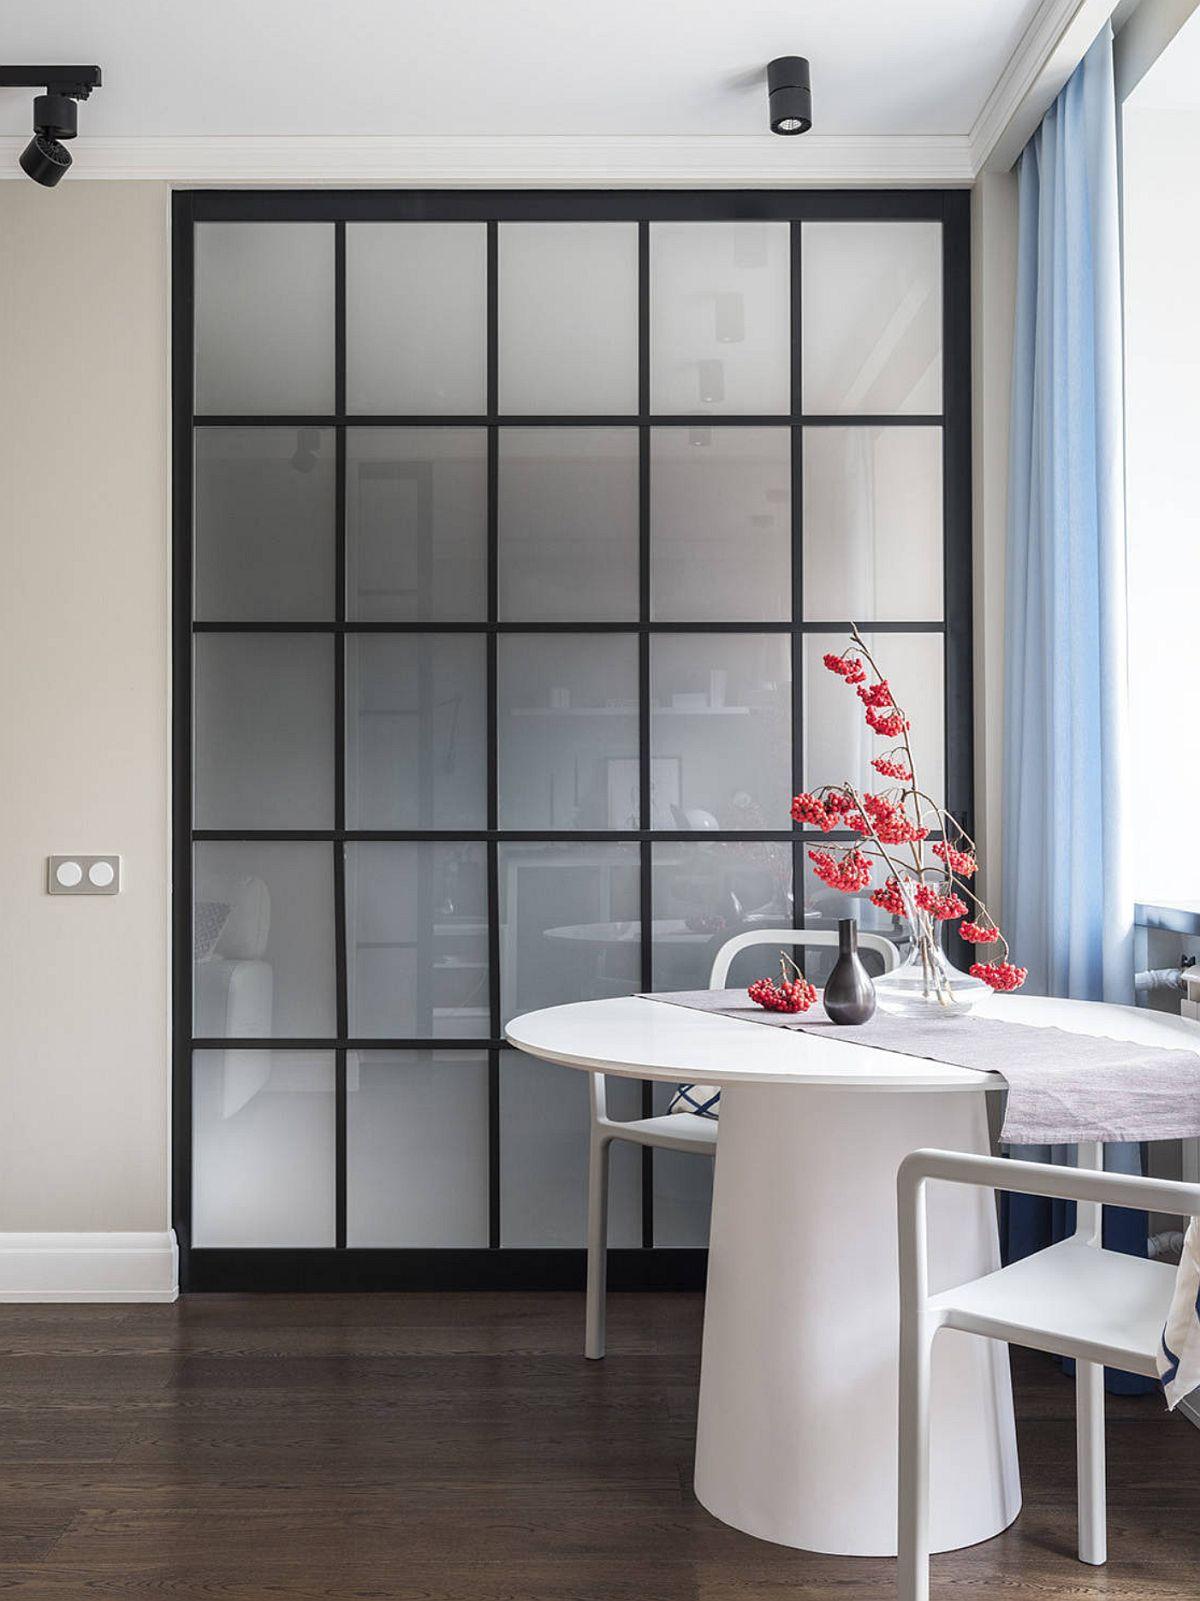 Ușa culisantă către bucătărie a fost gîndită ca una de tip dulap și glisează în interiorul peretelui. Când este închisă, bucătăria nu se vede, dar lumina naturală pătrunde peste tot grație geamurile din sticlă sablată.